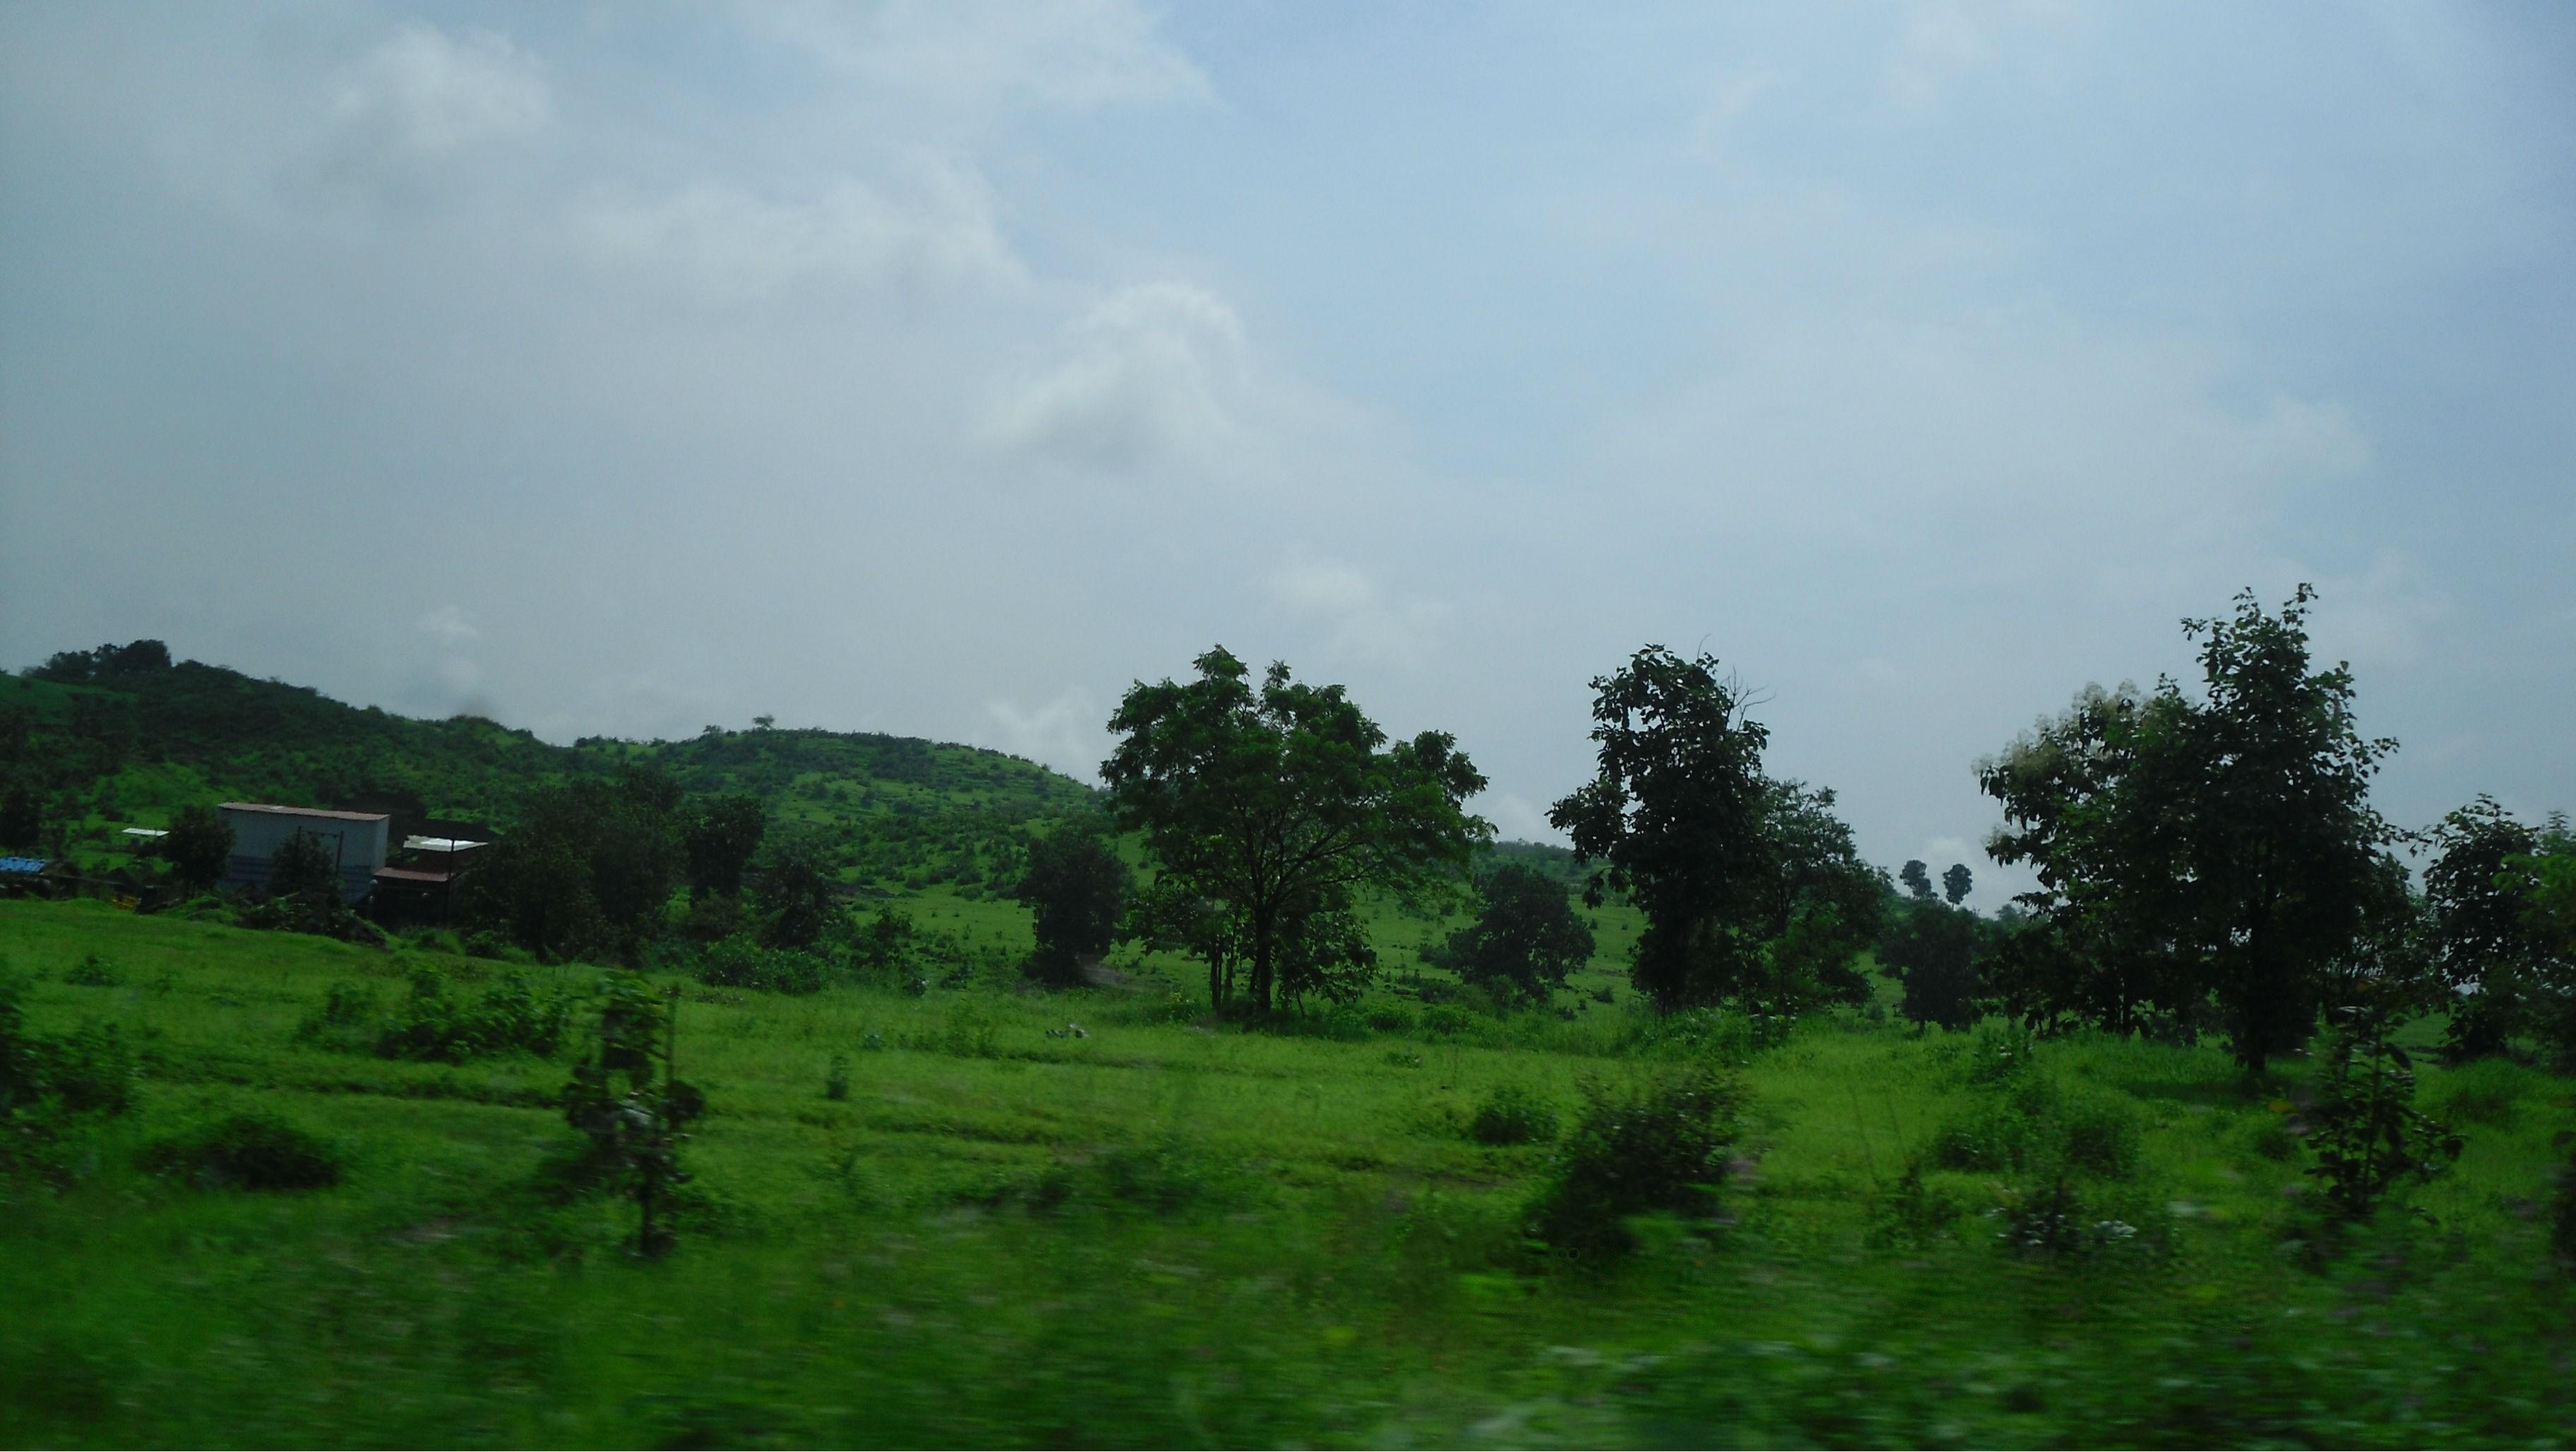 Land for Sale In Thane at Chene Kajupada